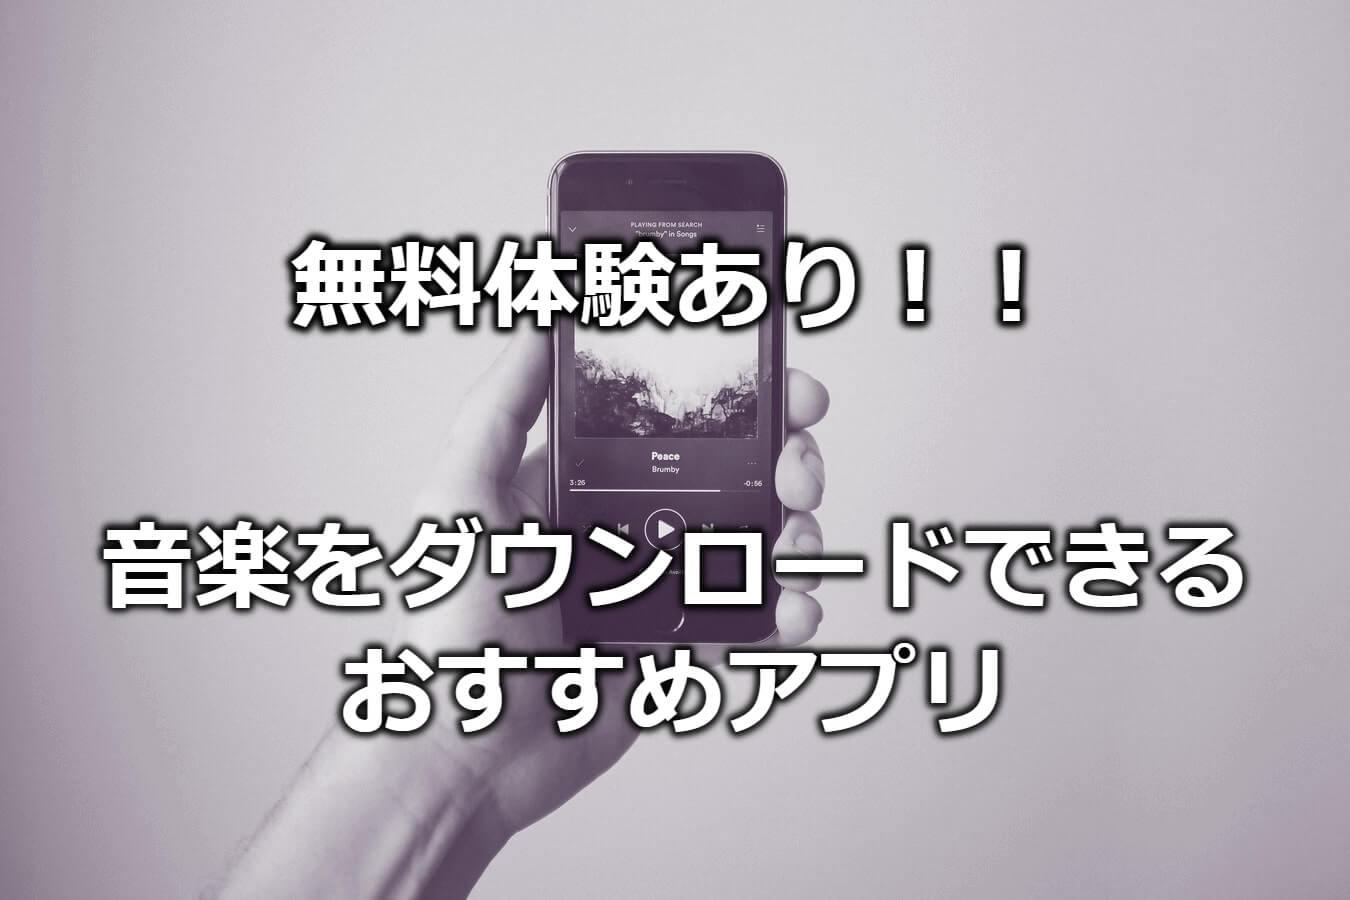 【無料体験あり】音楽をダウンロードして聴けるおすすめアプリ9選